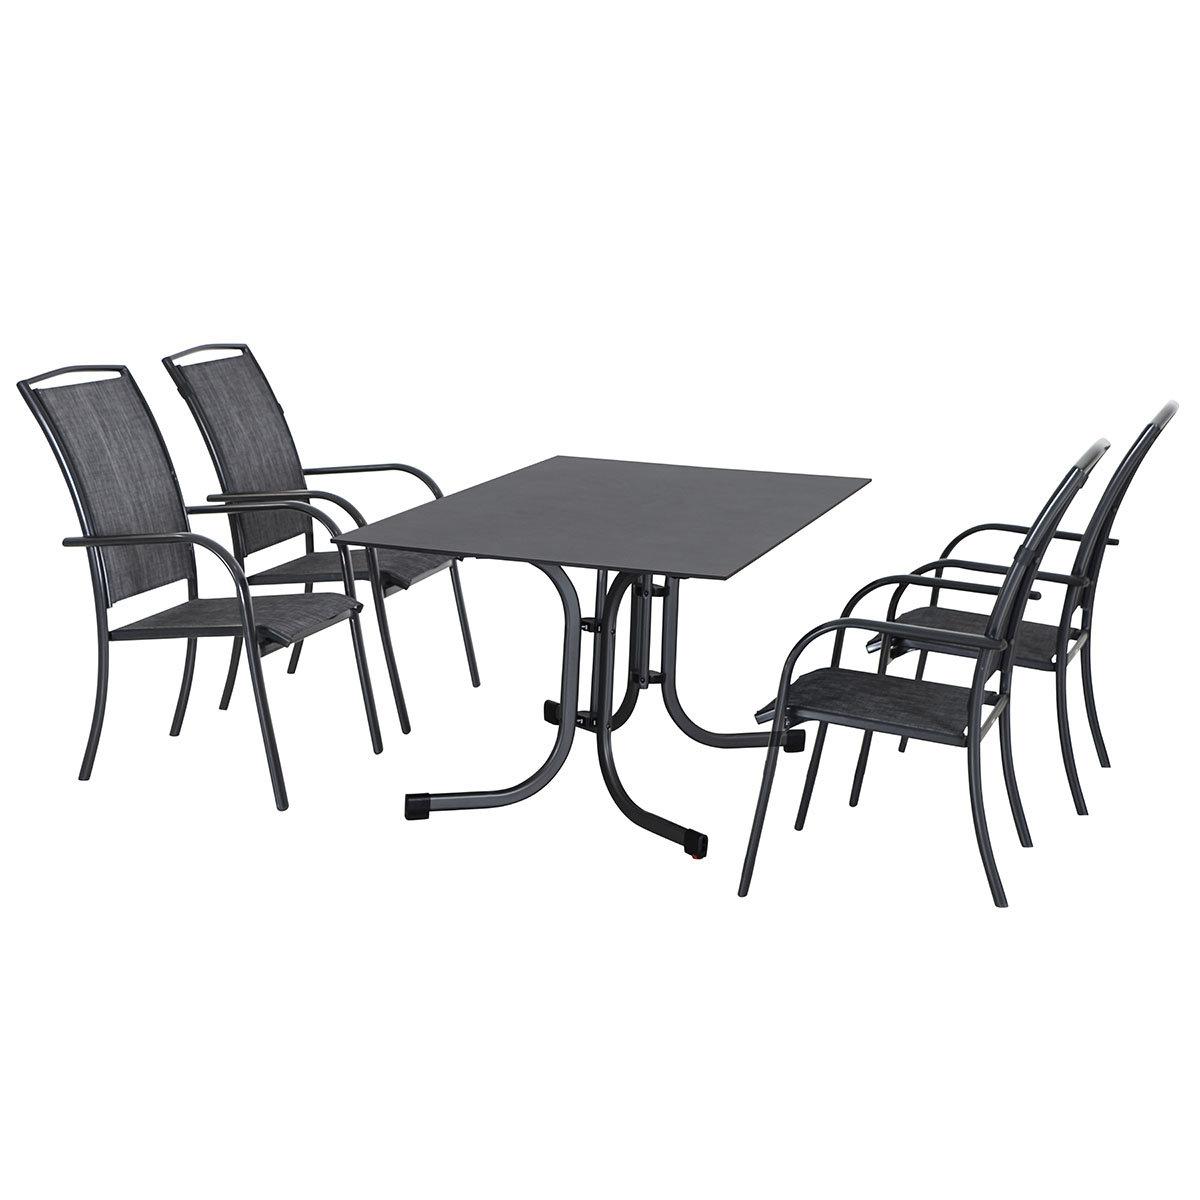 Gartenmöbel-Set Livorno mit 4 Stapelsesseln und Klapptisch, 160x90 cm | #2